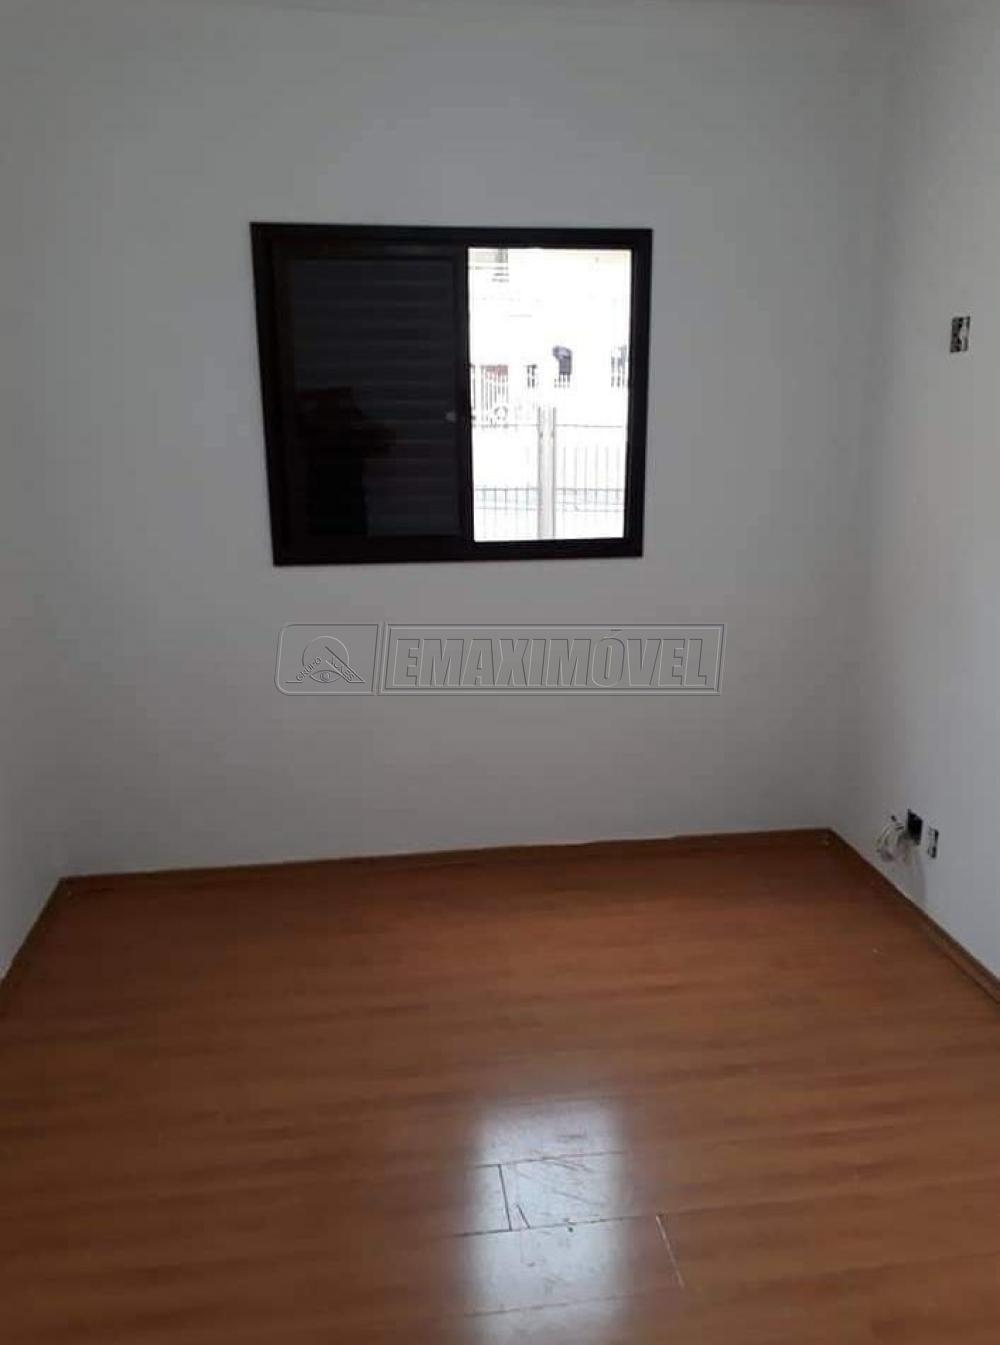 Comprar Apartamento / Padrão em Sorocaba R$ 190.000,00 - Foto 5